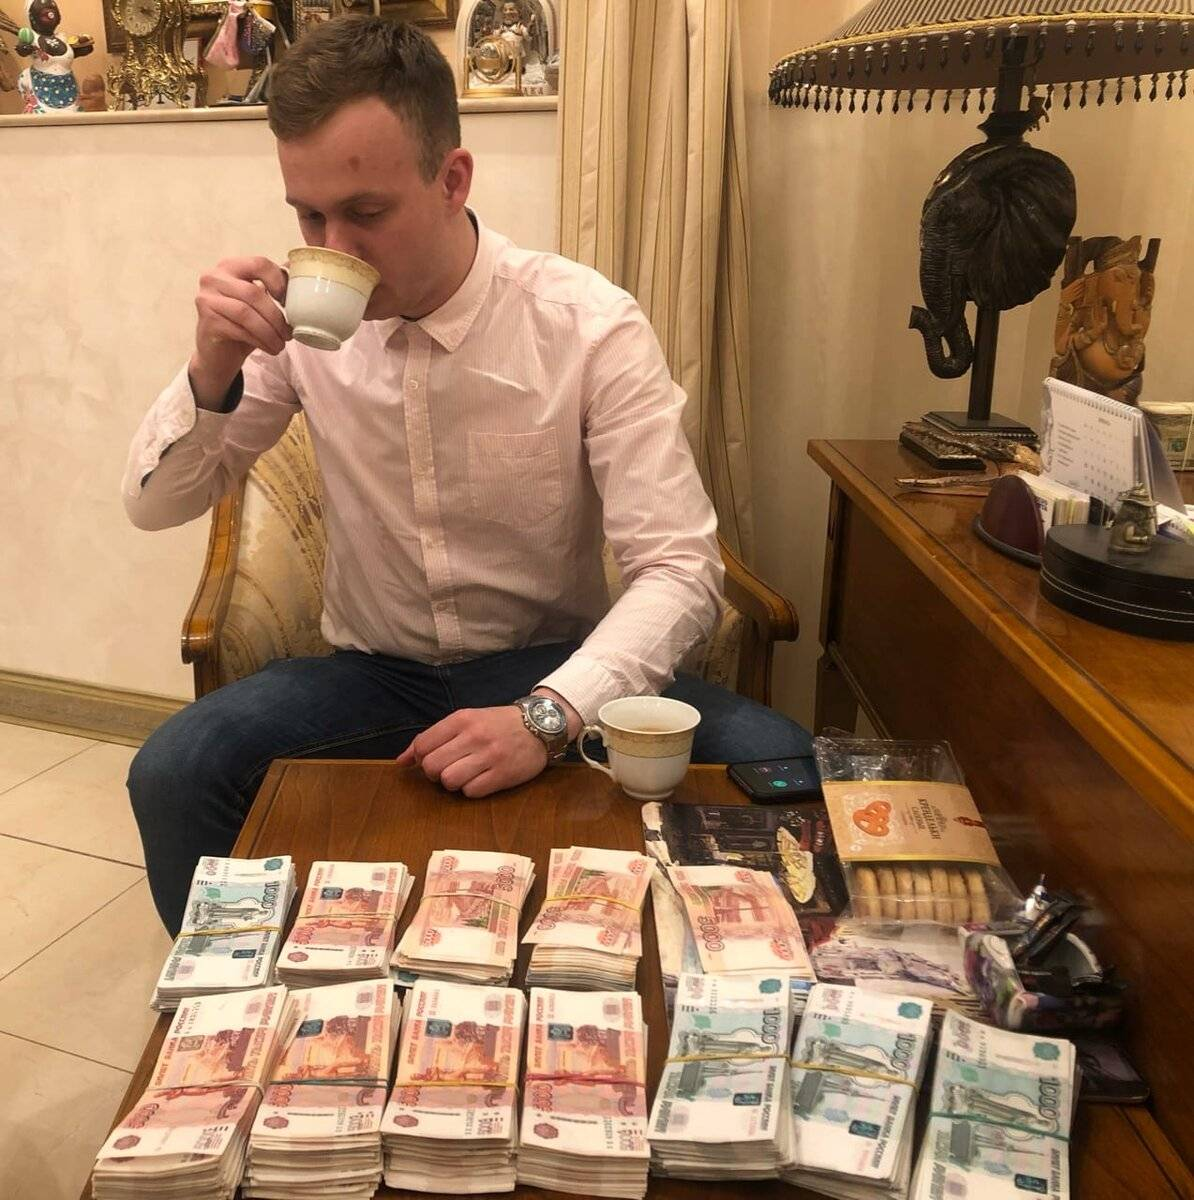 Тони блинкен - правнук писателя из киева. что известно об украинских корнях будущего госсекретаря сша